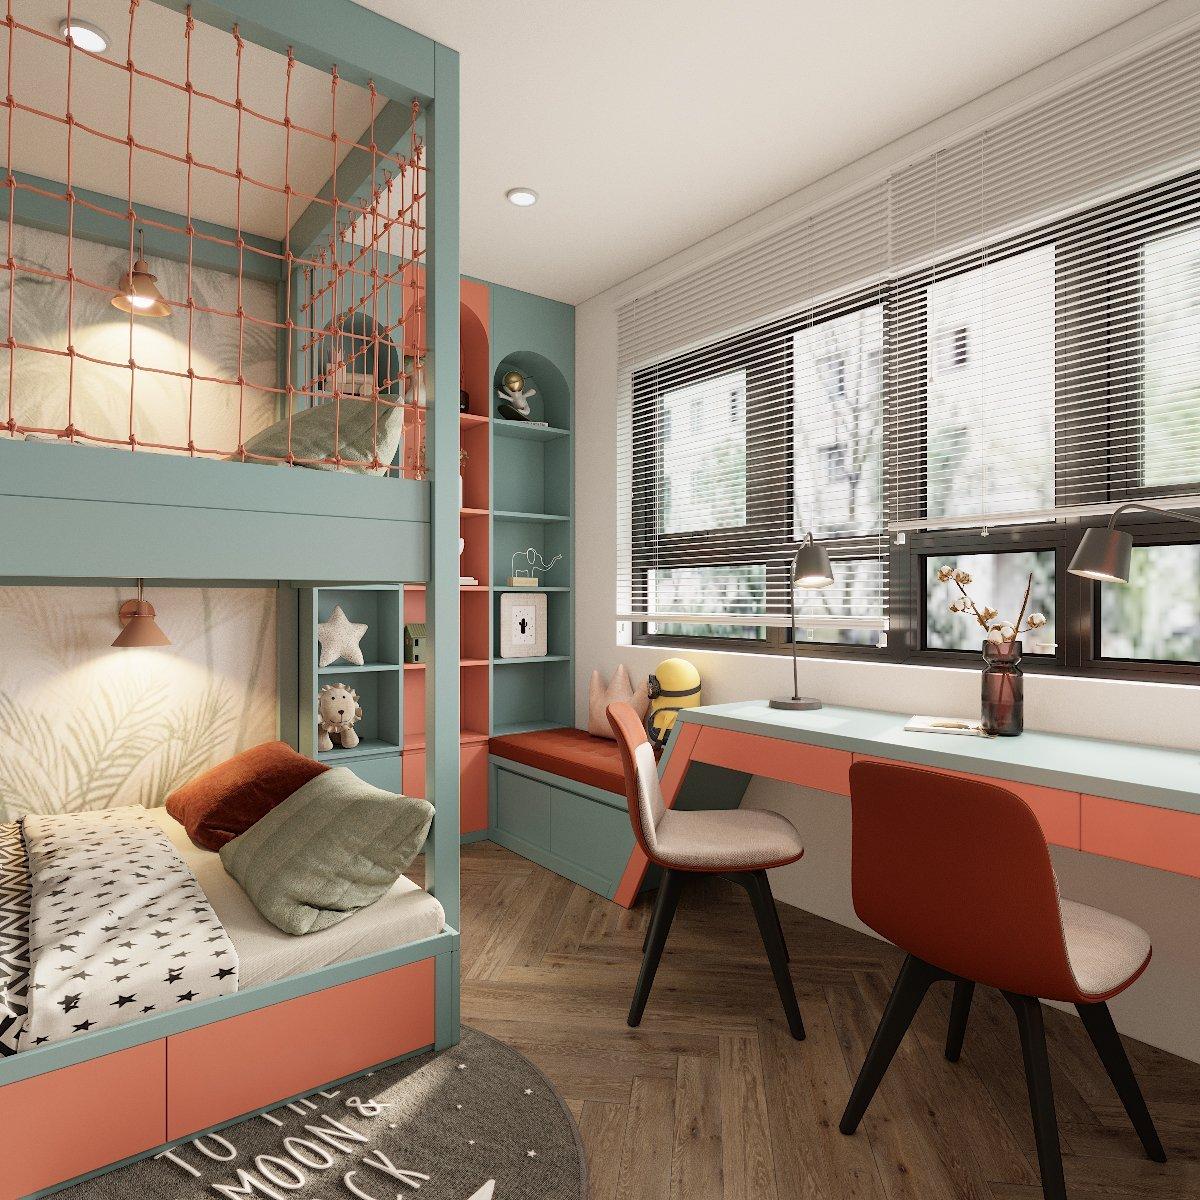 Không gian ngủ nghỉ, học tập, thư giãn được tích hợp khéo léo trong một. Đặc biệt, căn phòng tận dụng được tối đa ánh sáng tự nhiên, tốt cho mắt của trẻ.